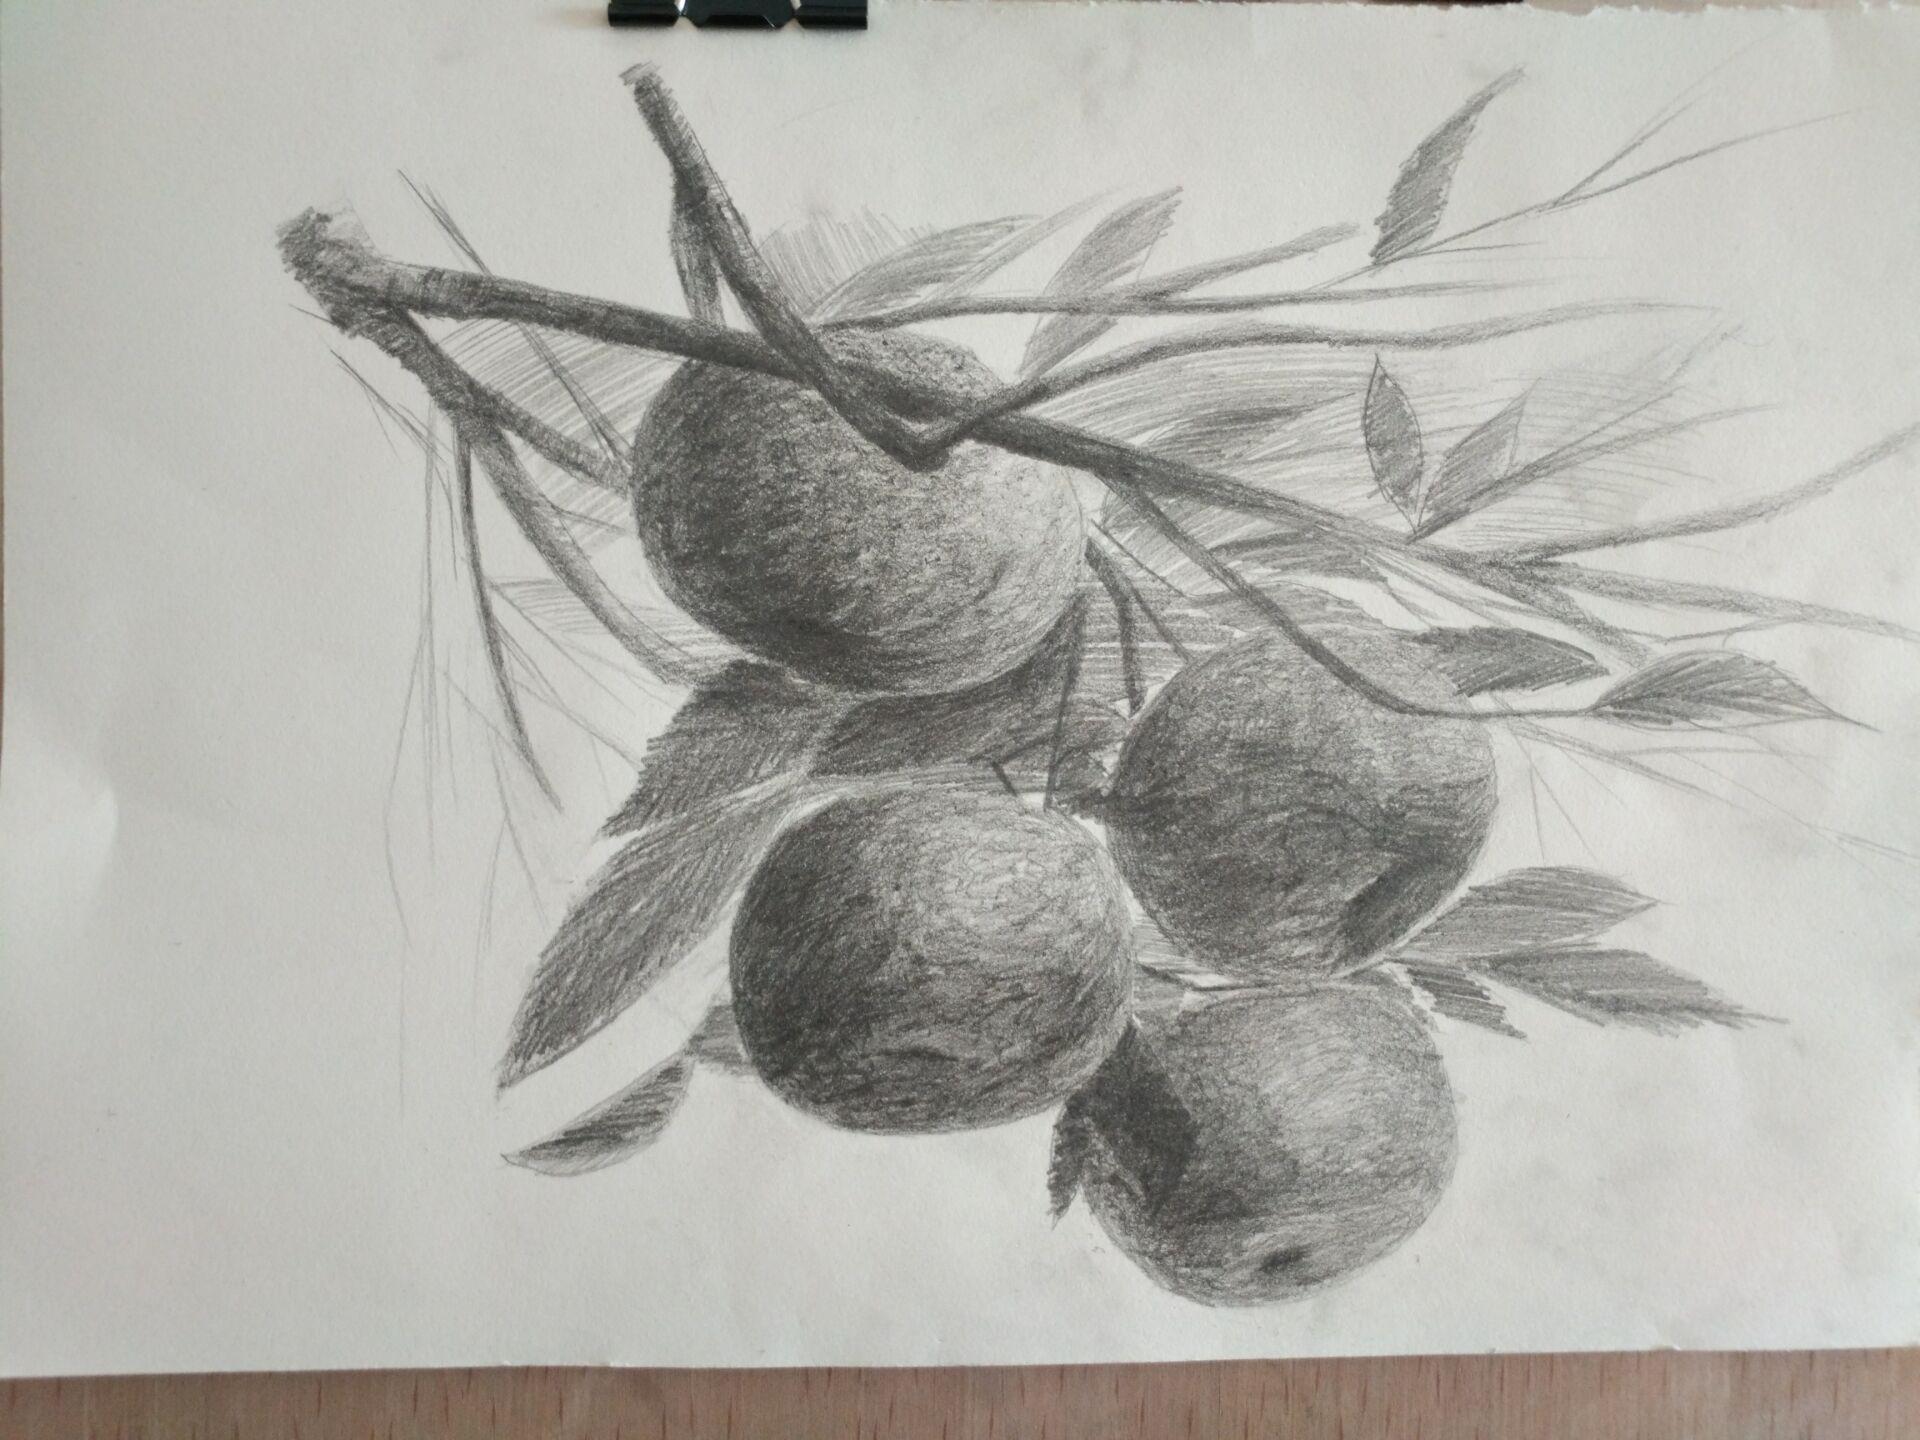 桔子-素描图集